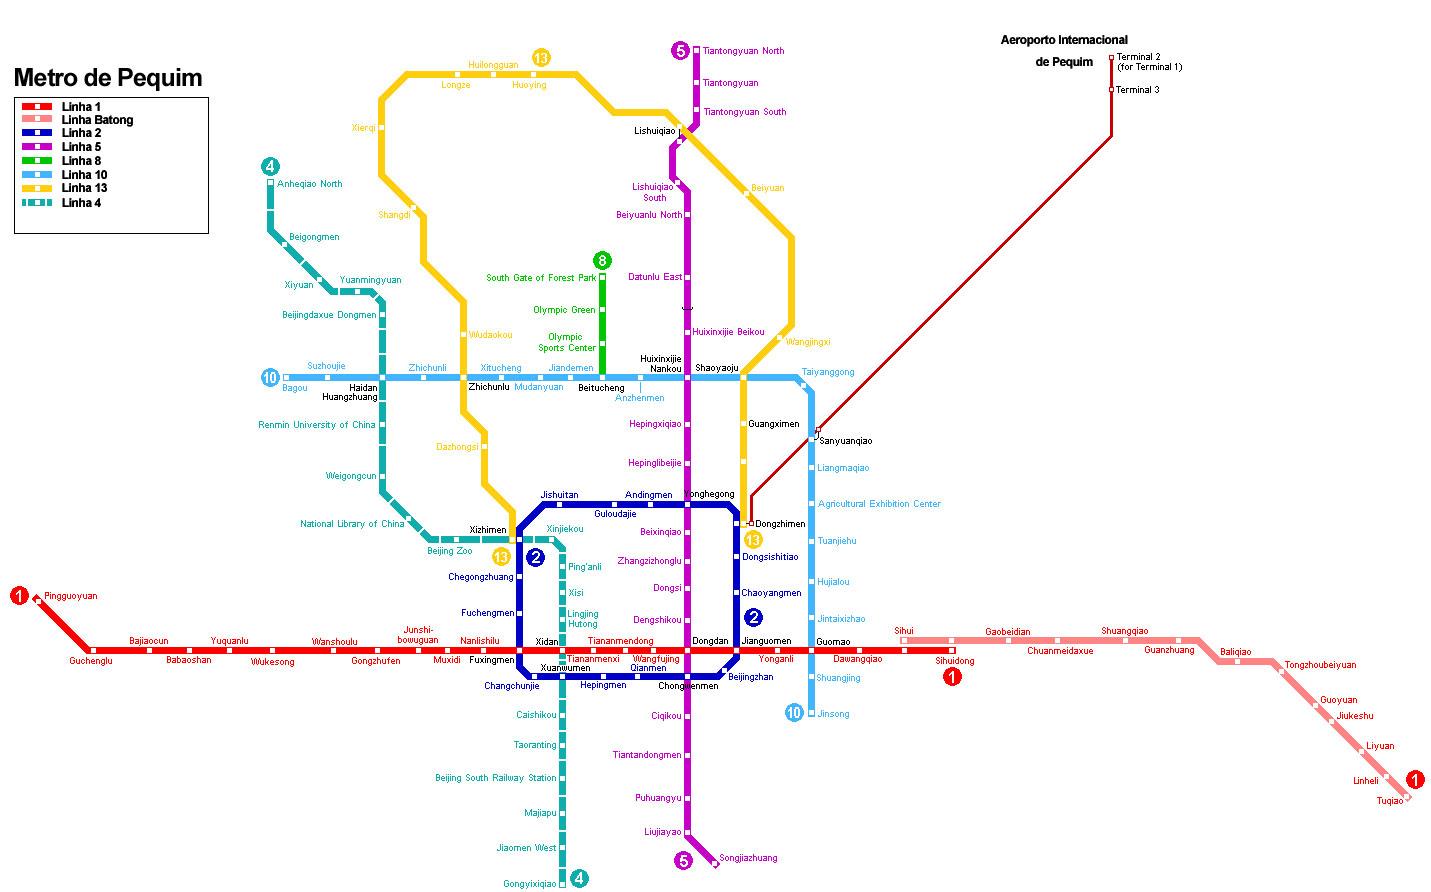 Mapa do Metro de Pequim